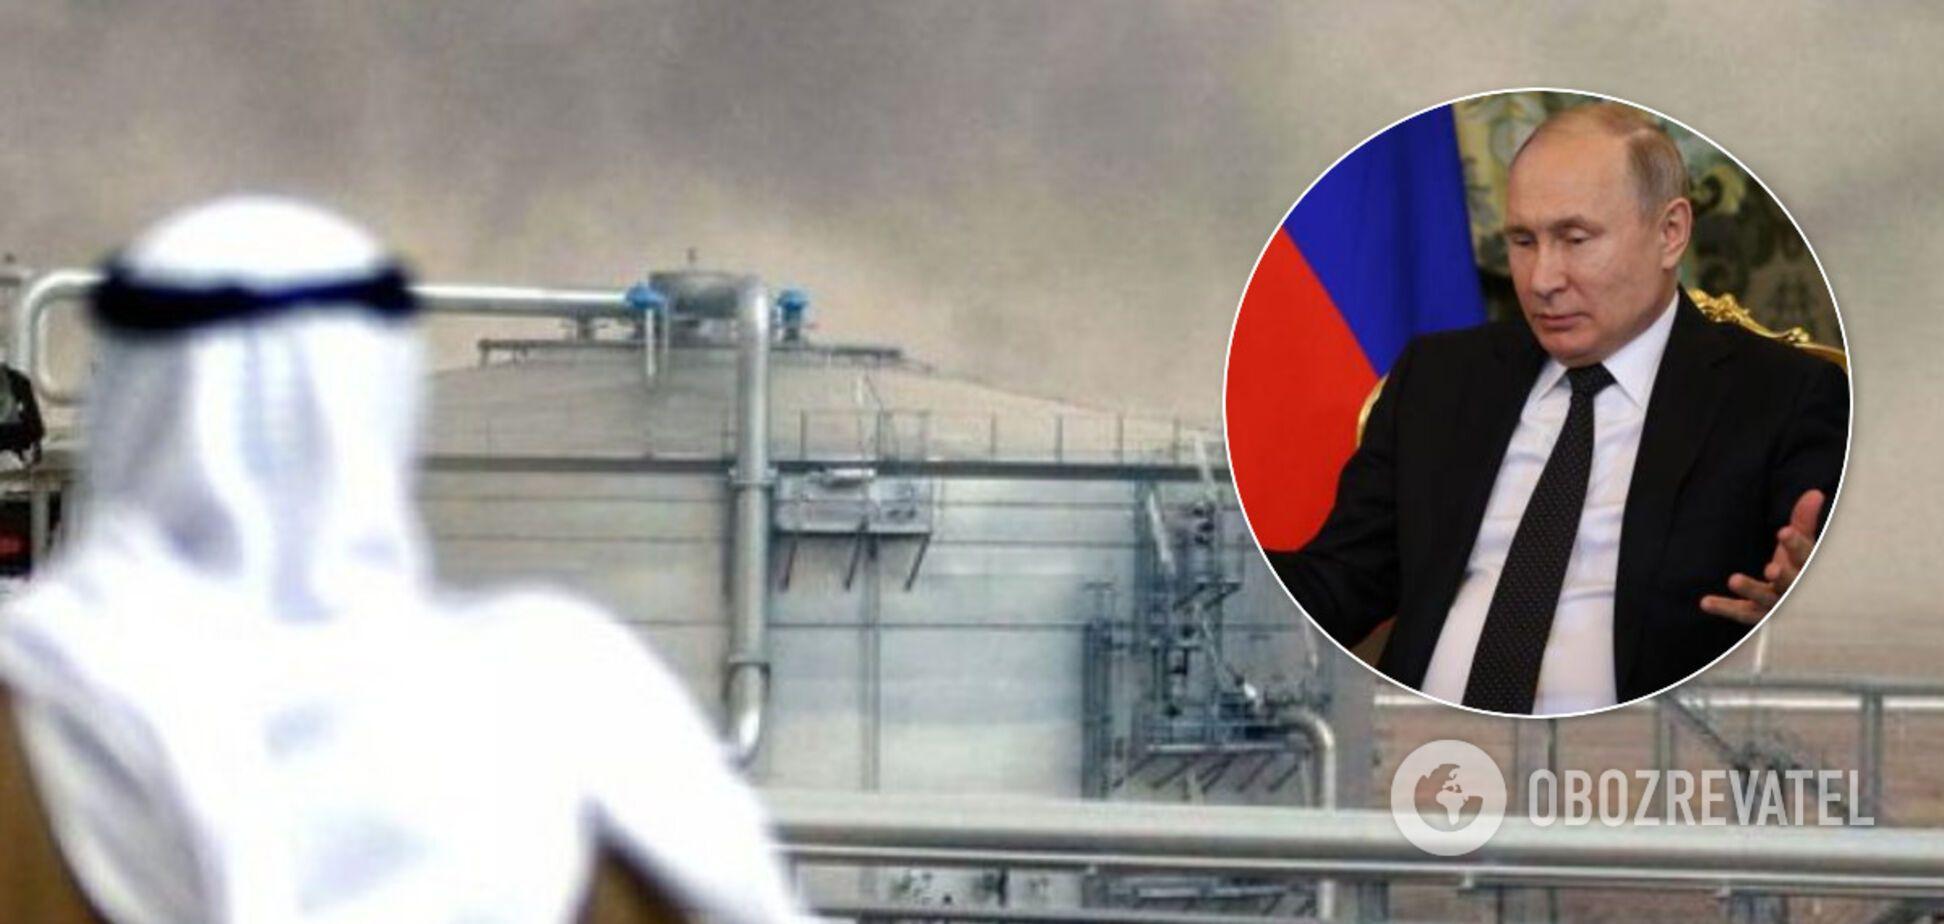 Нафтова війна Путіна закінчилася: що відомо про довгоочікувану угоду ОПЕК